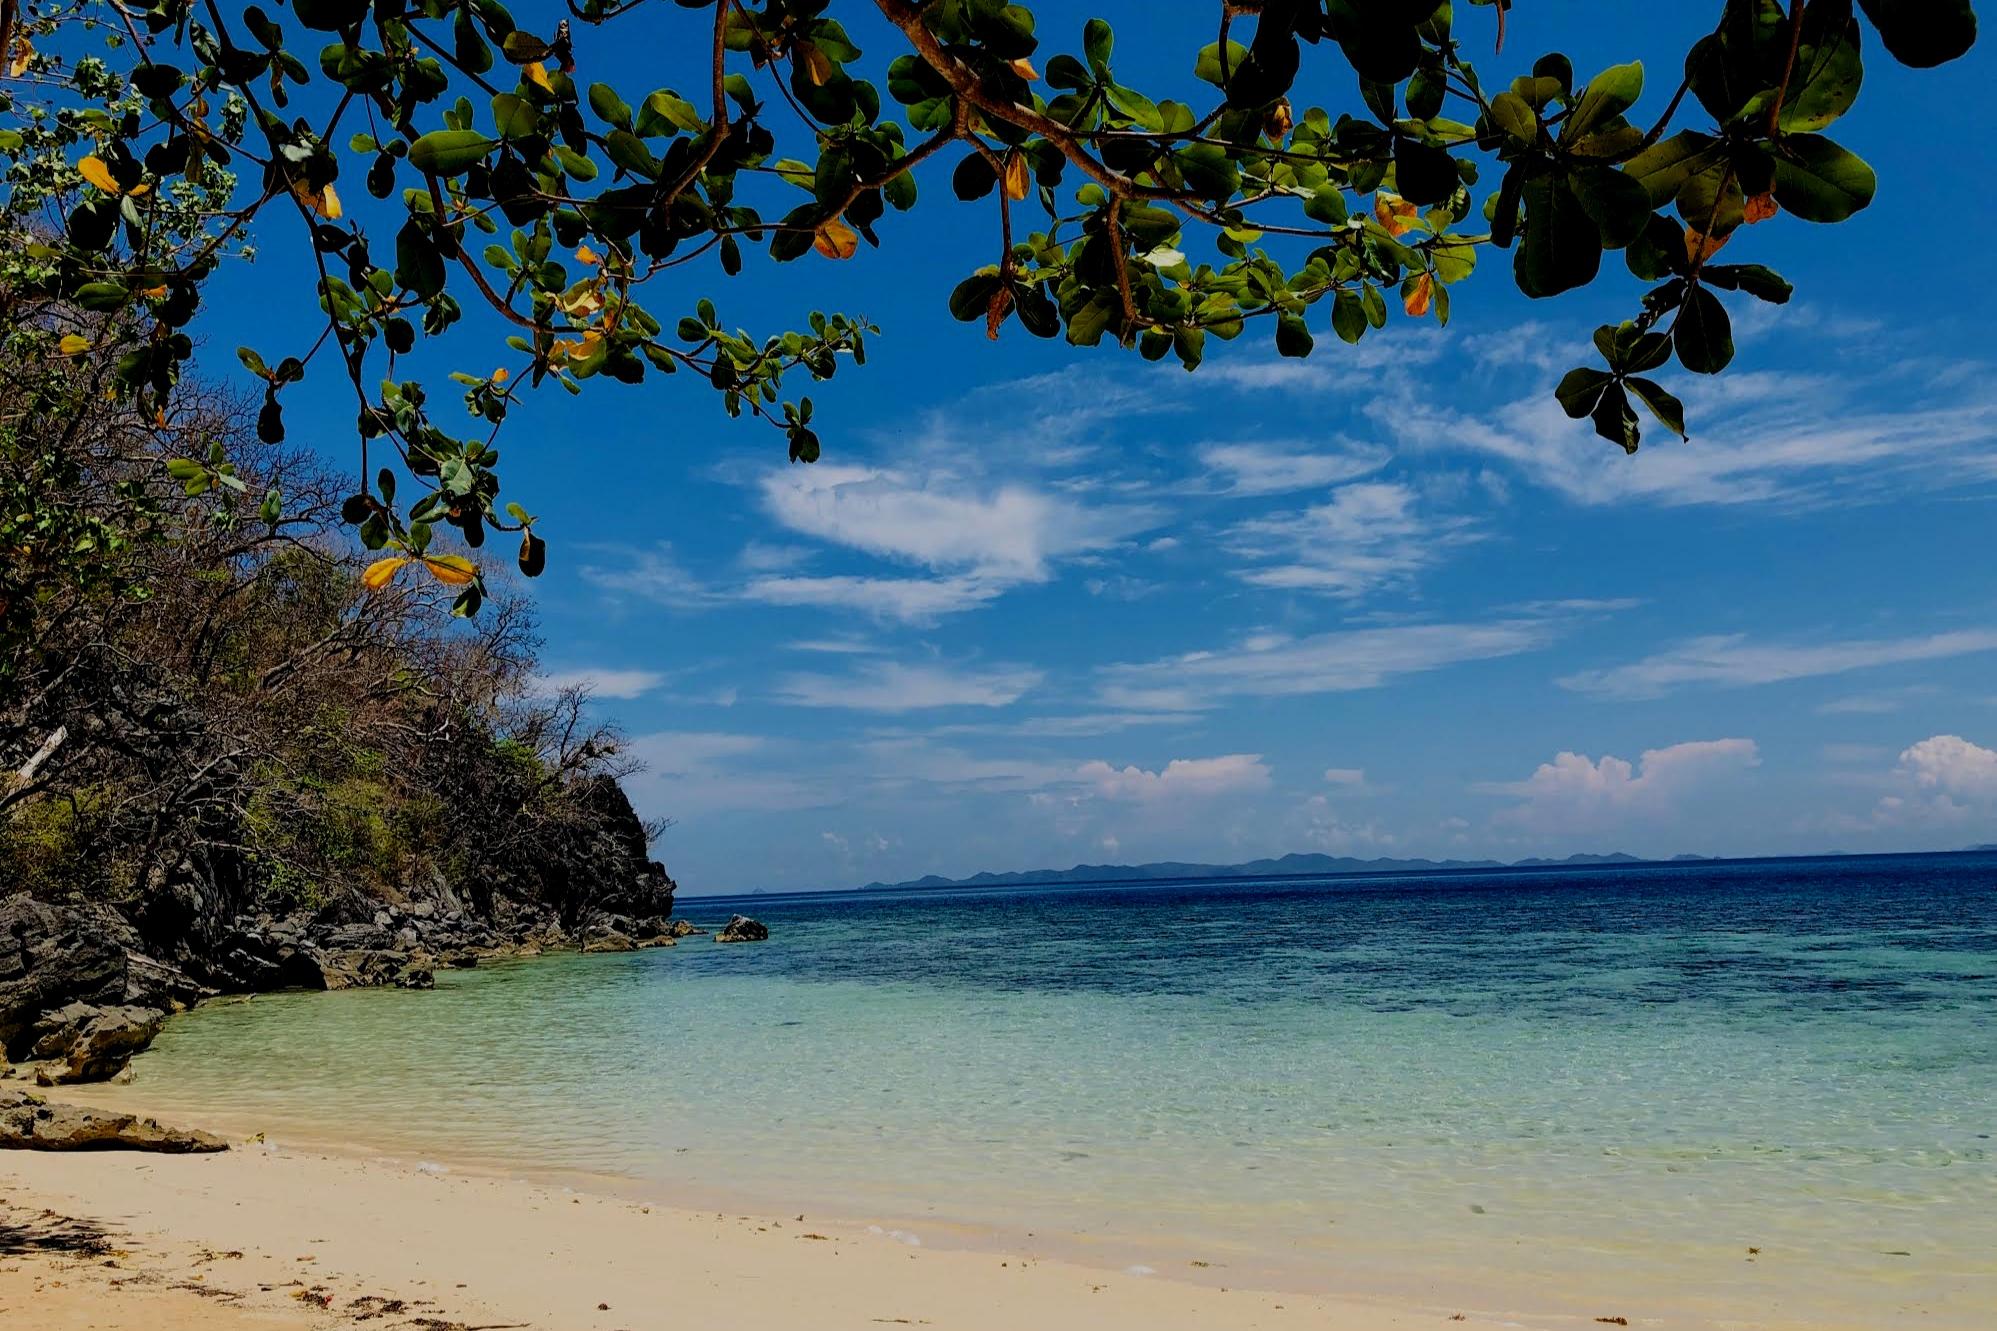 Coron, Palawan, PH - 05.13.19 to 05.16.19